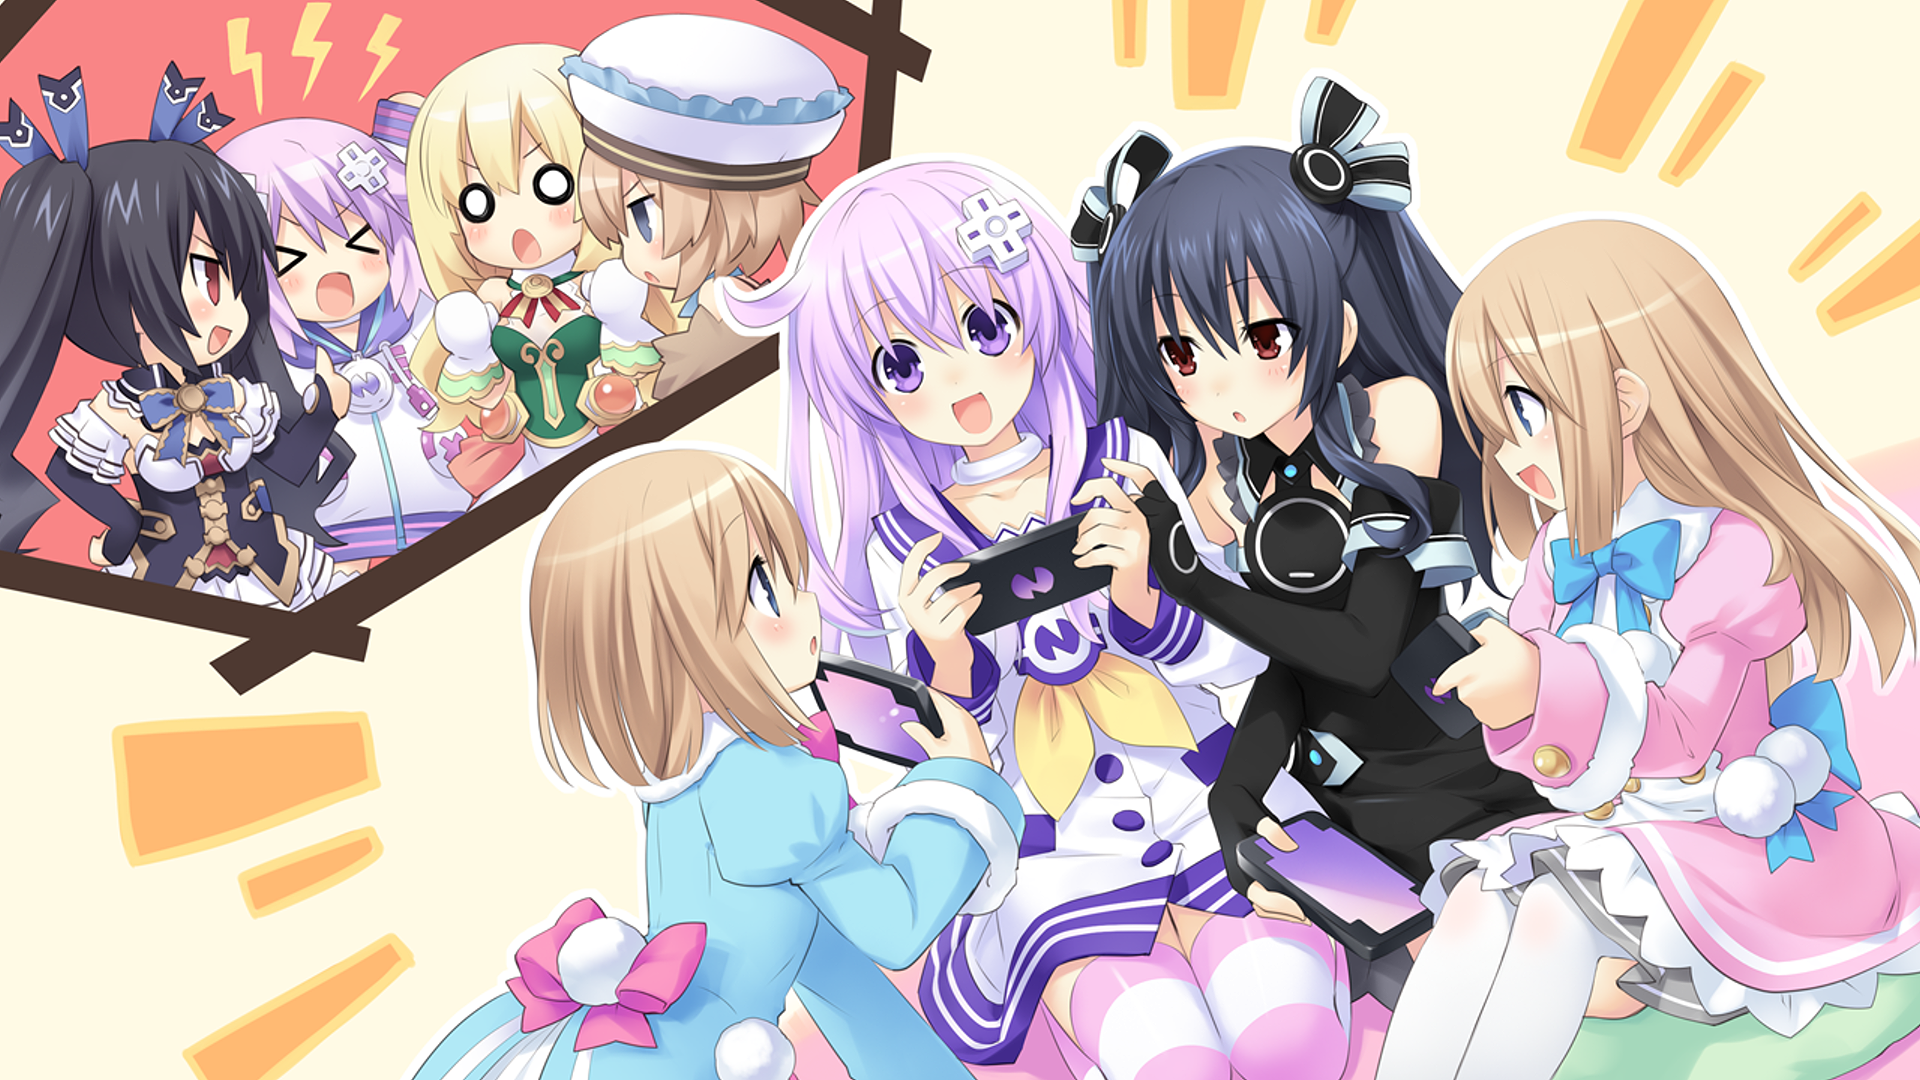 Neptunia Anime, Anime character design, Anime wallpaper